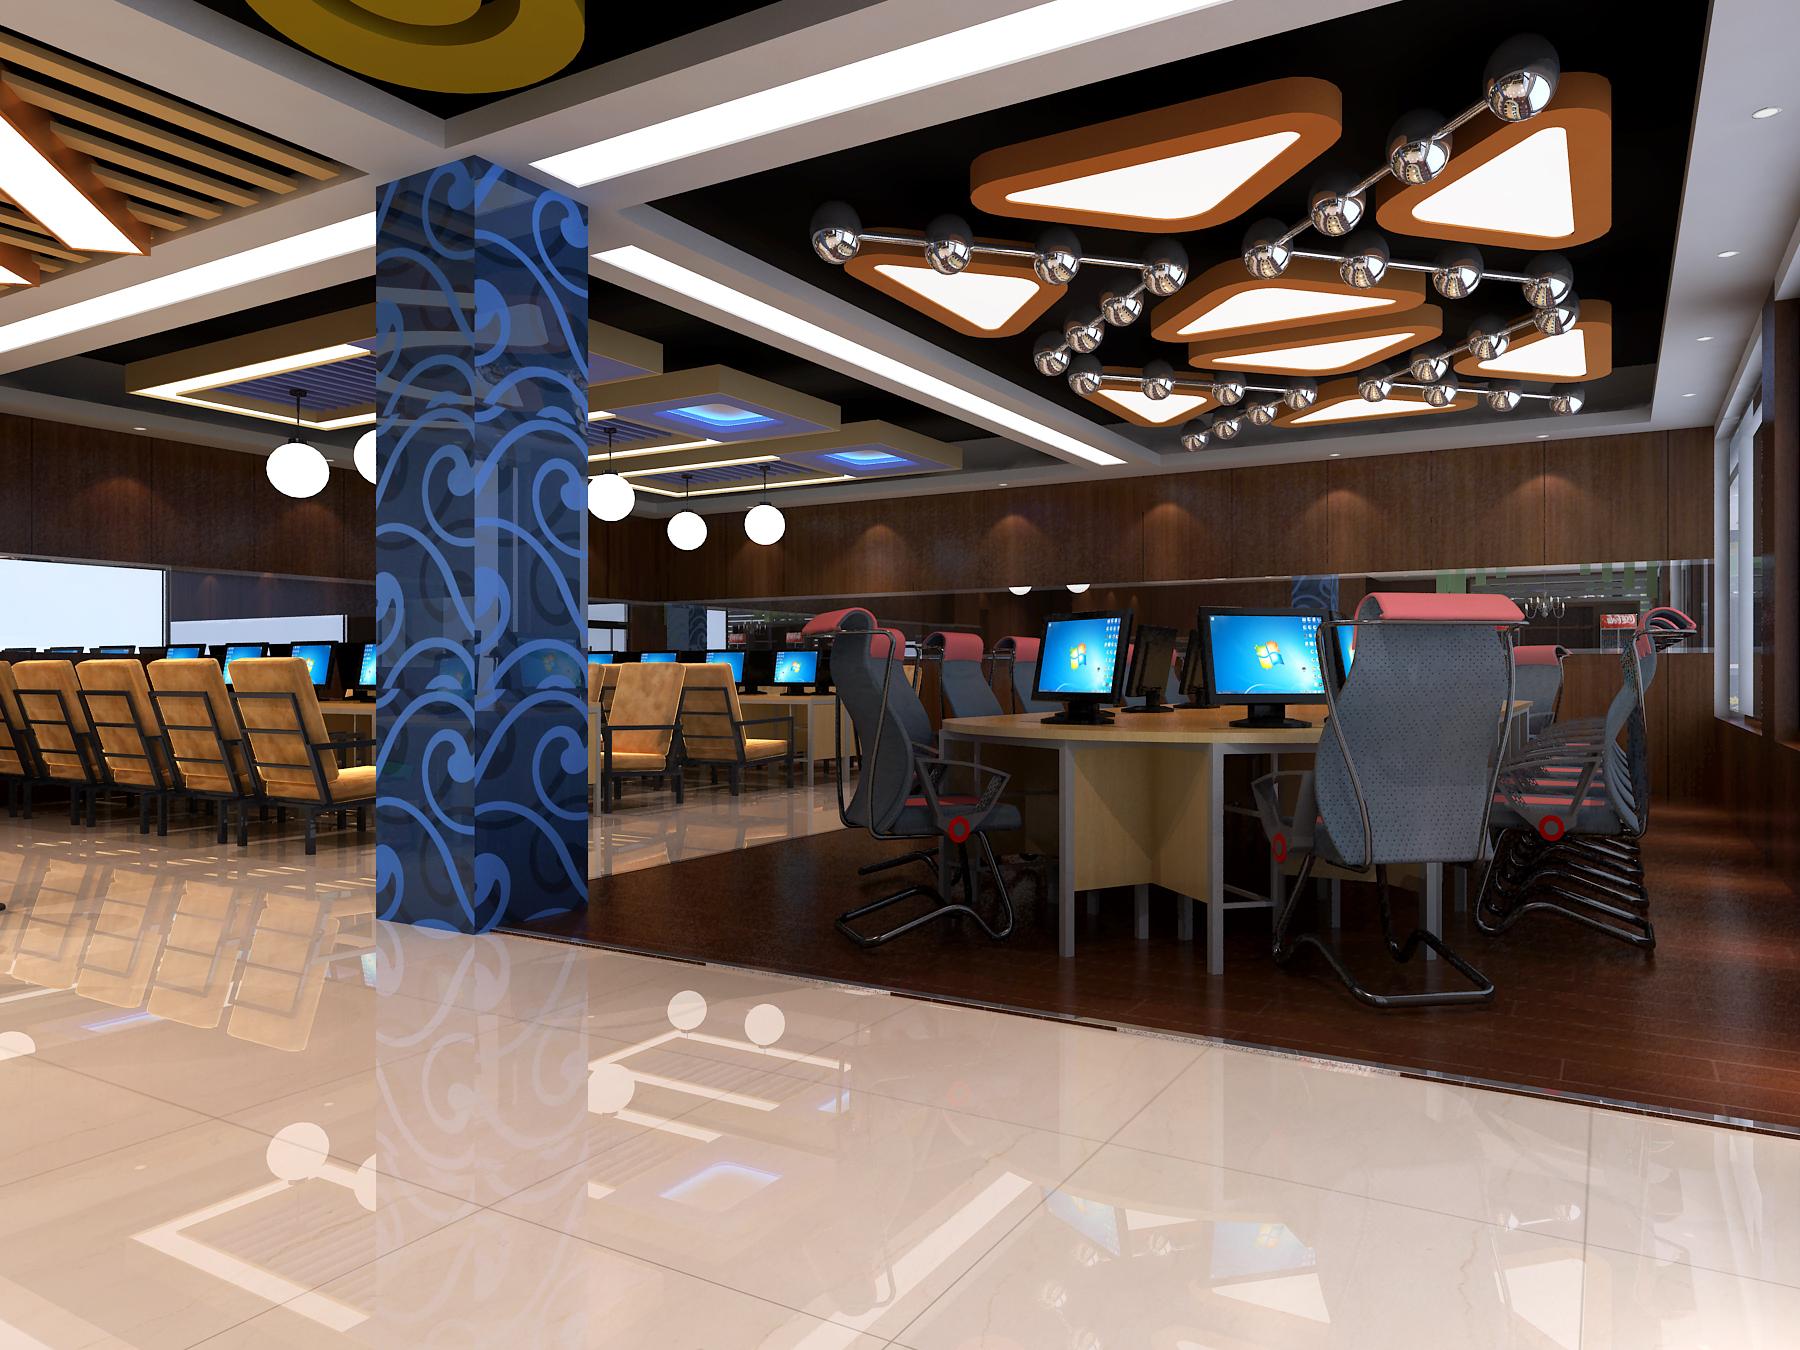 而网咖的装修设计又分为室内装修设计和室外装修设计.